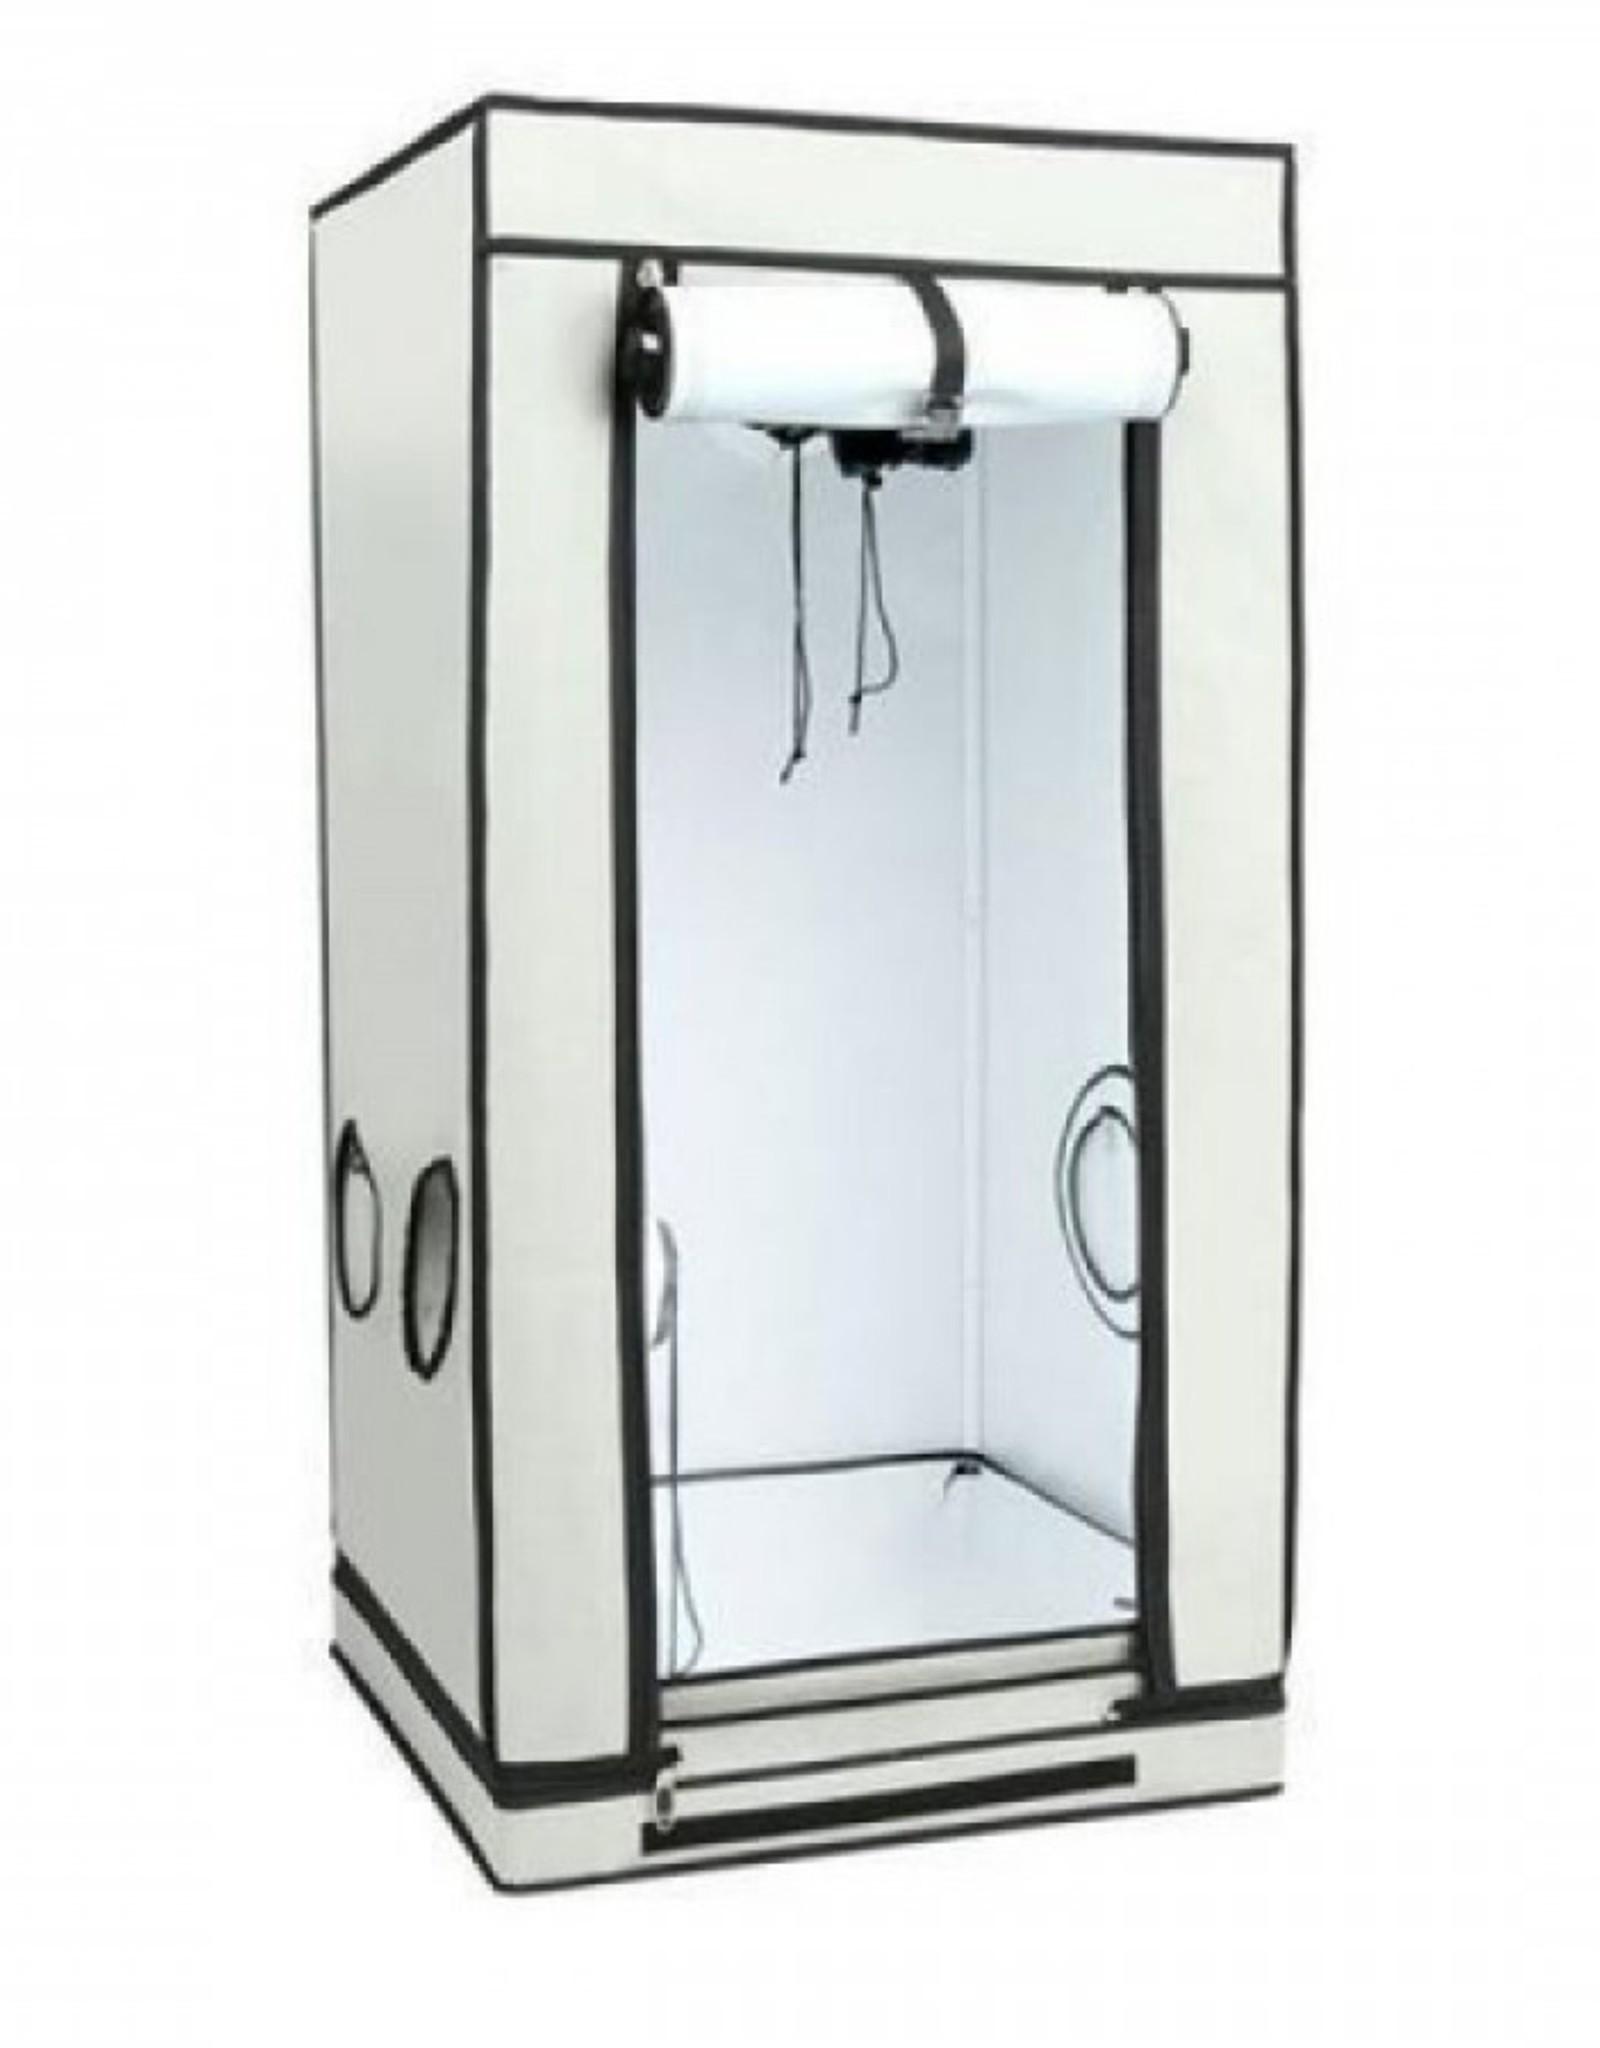 Homebox Homebox Ambient Q60+ 60x60x160cm